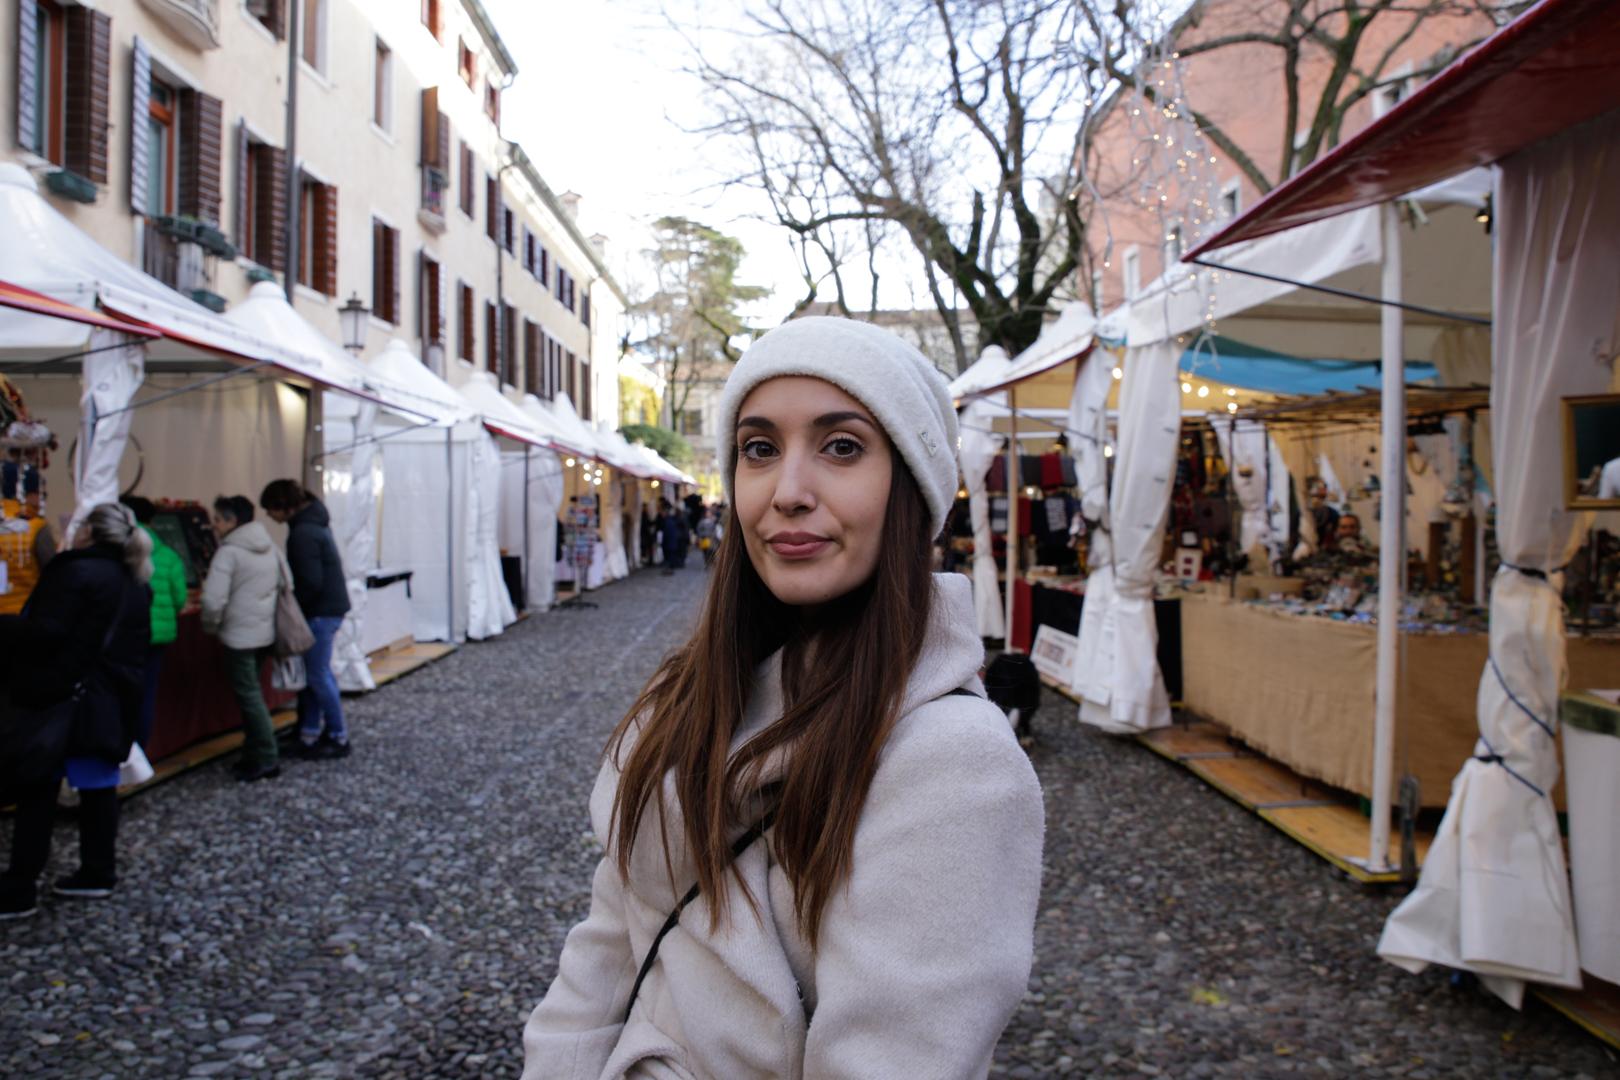 Siamo stati al mercatino delle feste di Padova per chiedere alle persone il loro luogo del cuore del 2019 e quello dove sognano di andare nell'anno nuovo